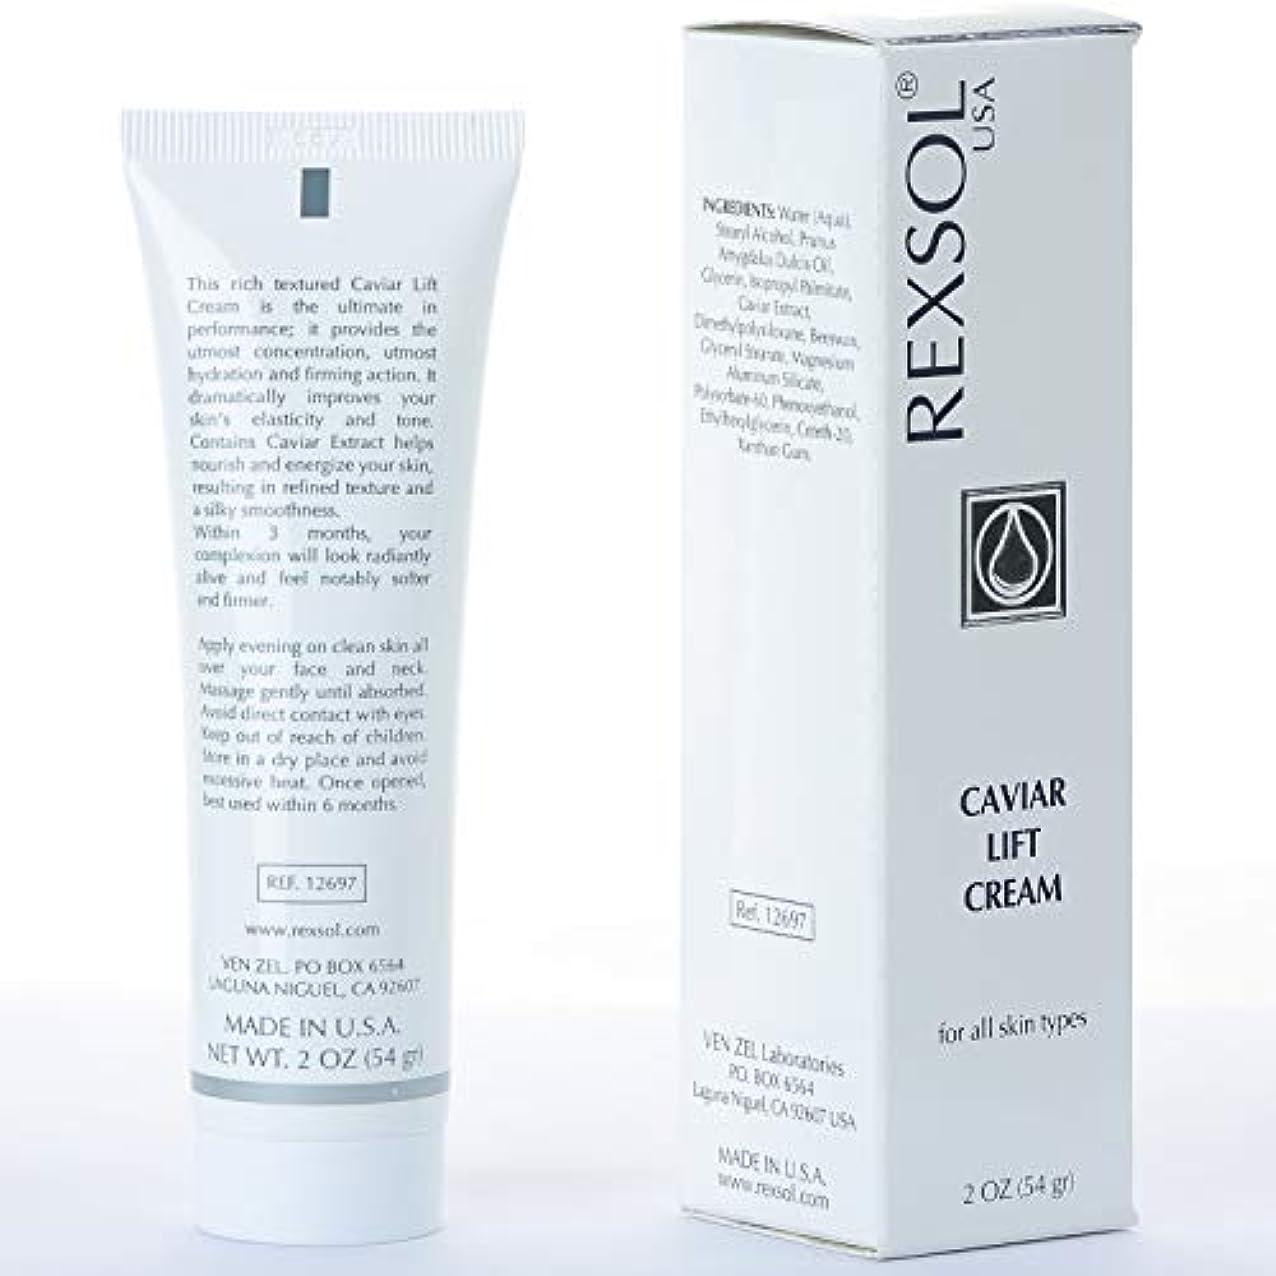 ストラップレジ予言するREXSOL Caviar Lift Cream | Contains Prunus Amygdalus Dulcis Oil, Glycerin, Beeswax & Caviar Extract | あなたの肌の弾力...